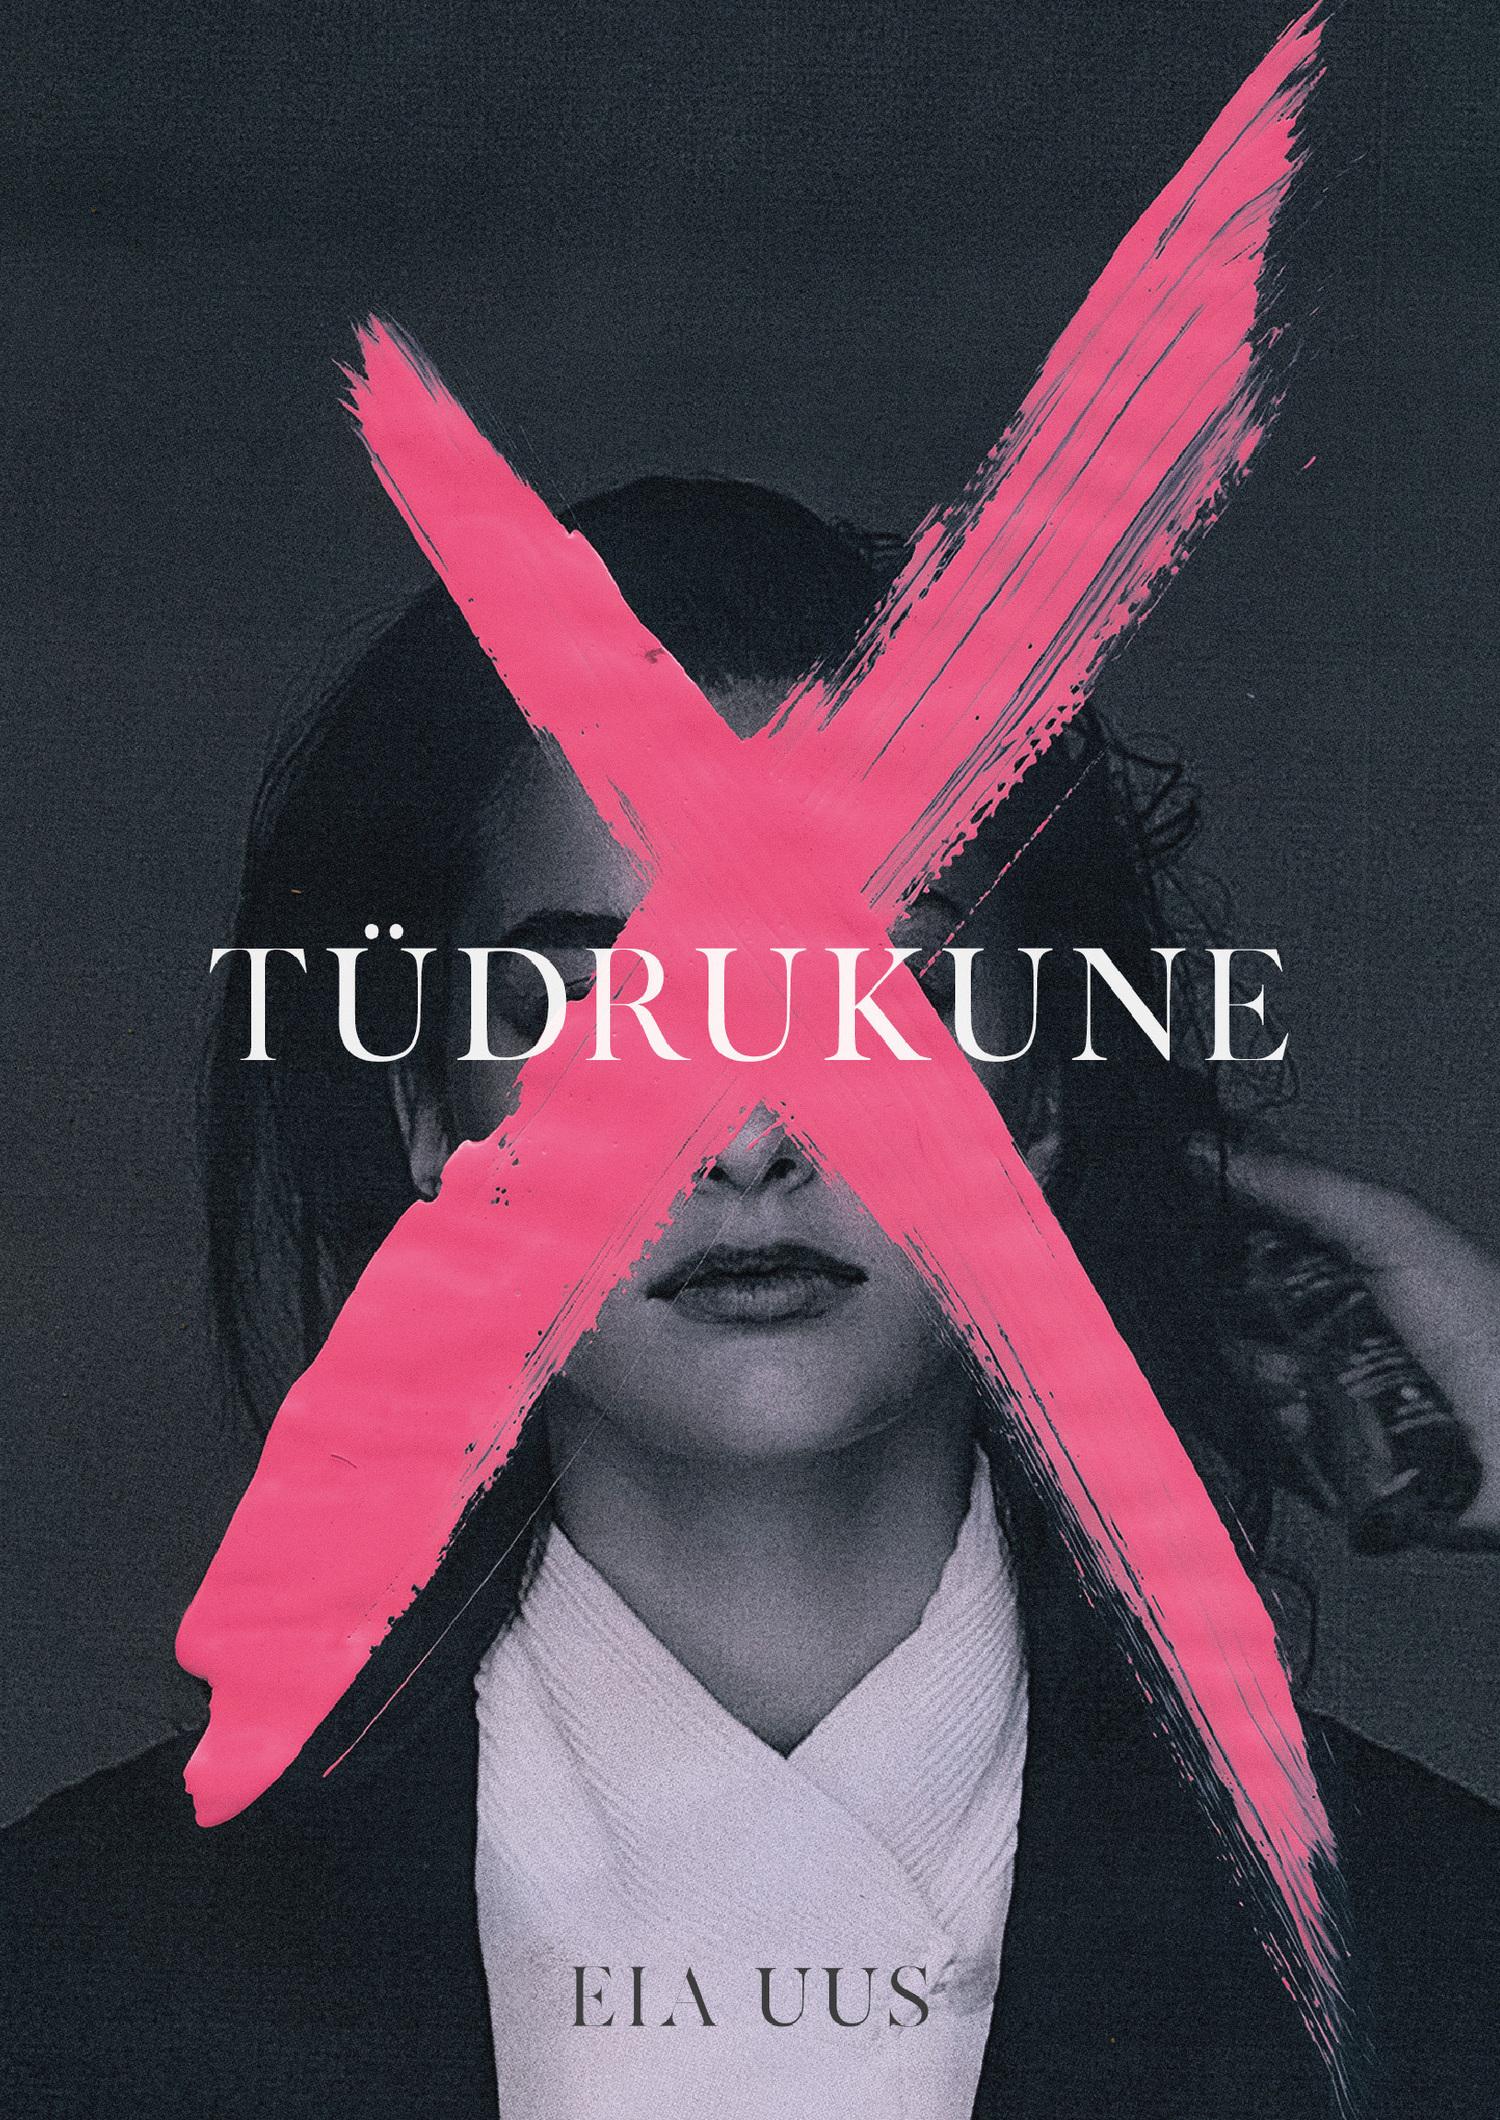 Купить книгу Tüdrukune, автора